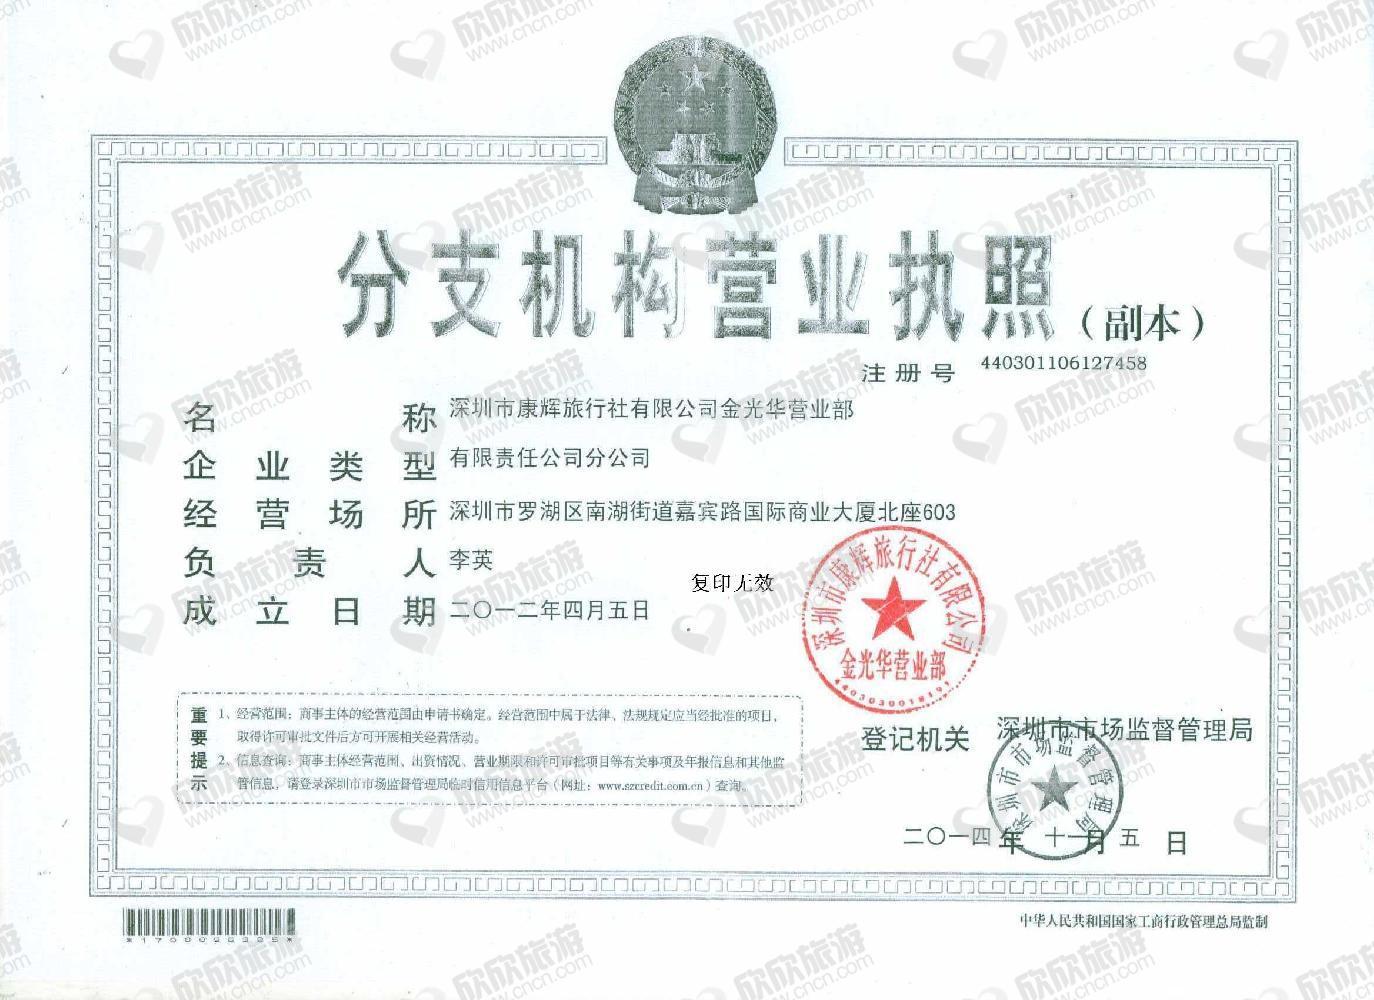 深圳市康辉旅行社有限公司金光华营业部营业执照